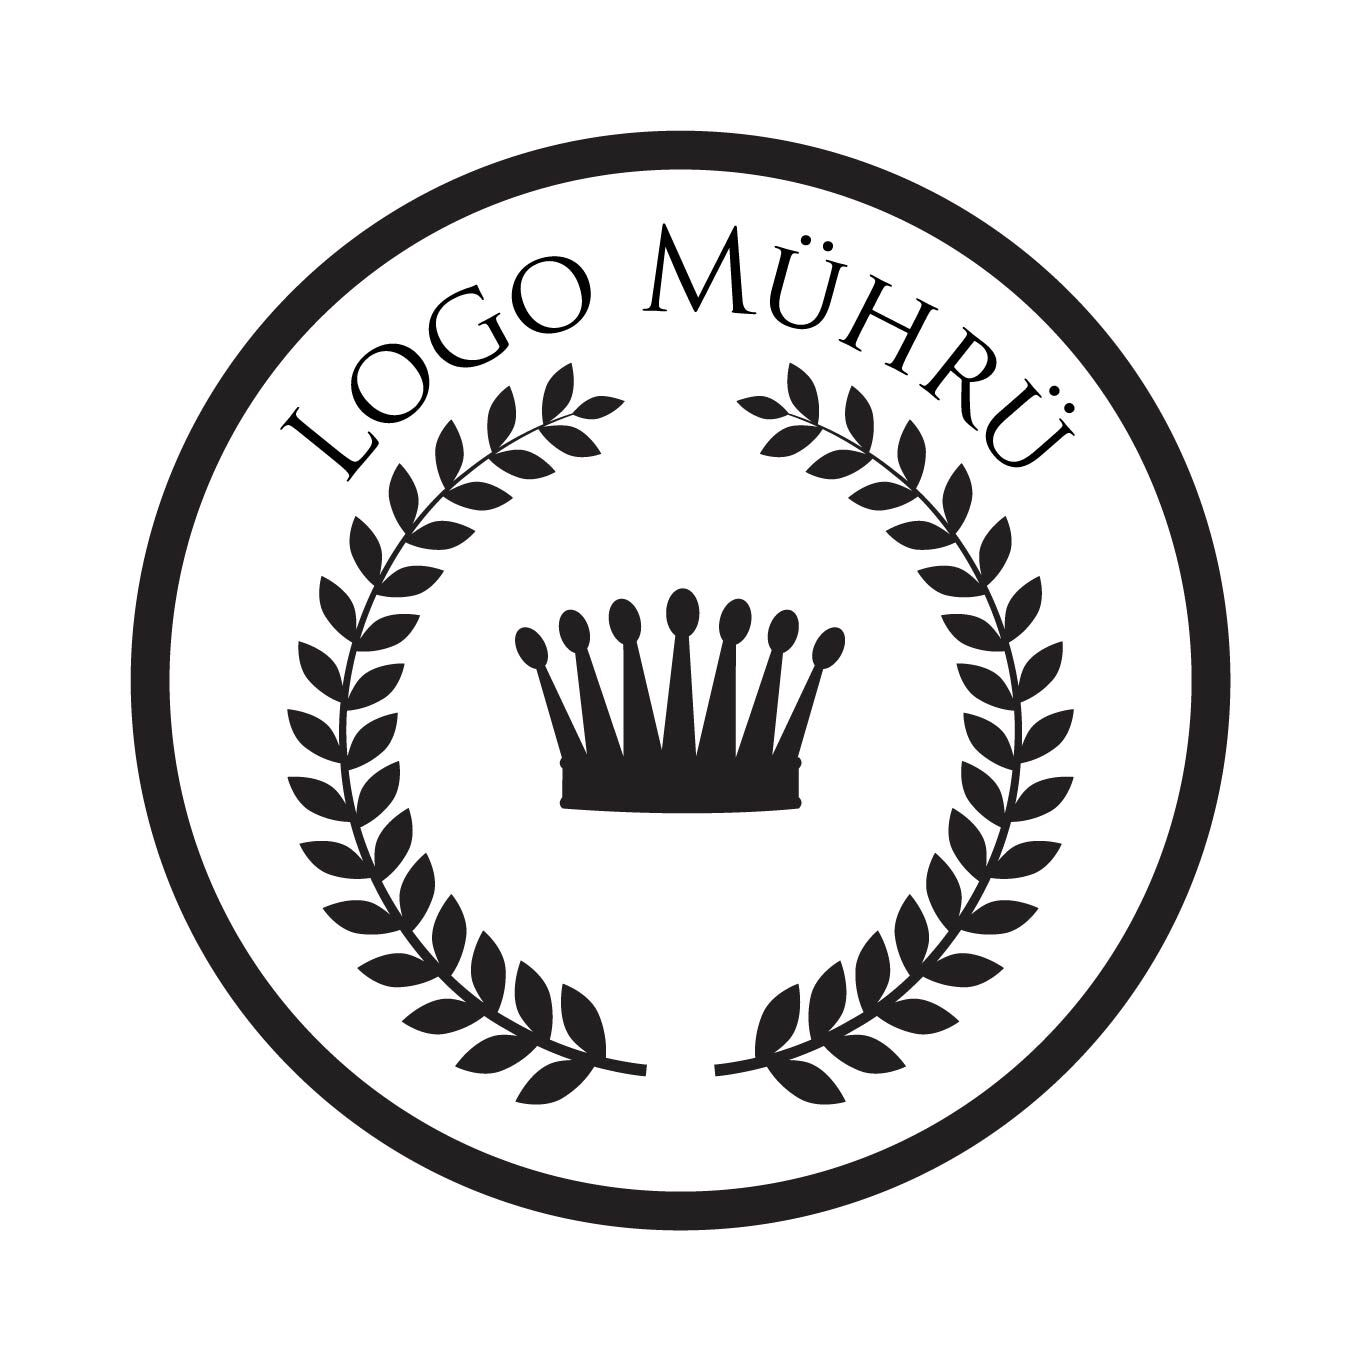 Logo Mührü Ahşap Mühür